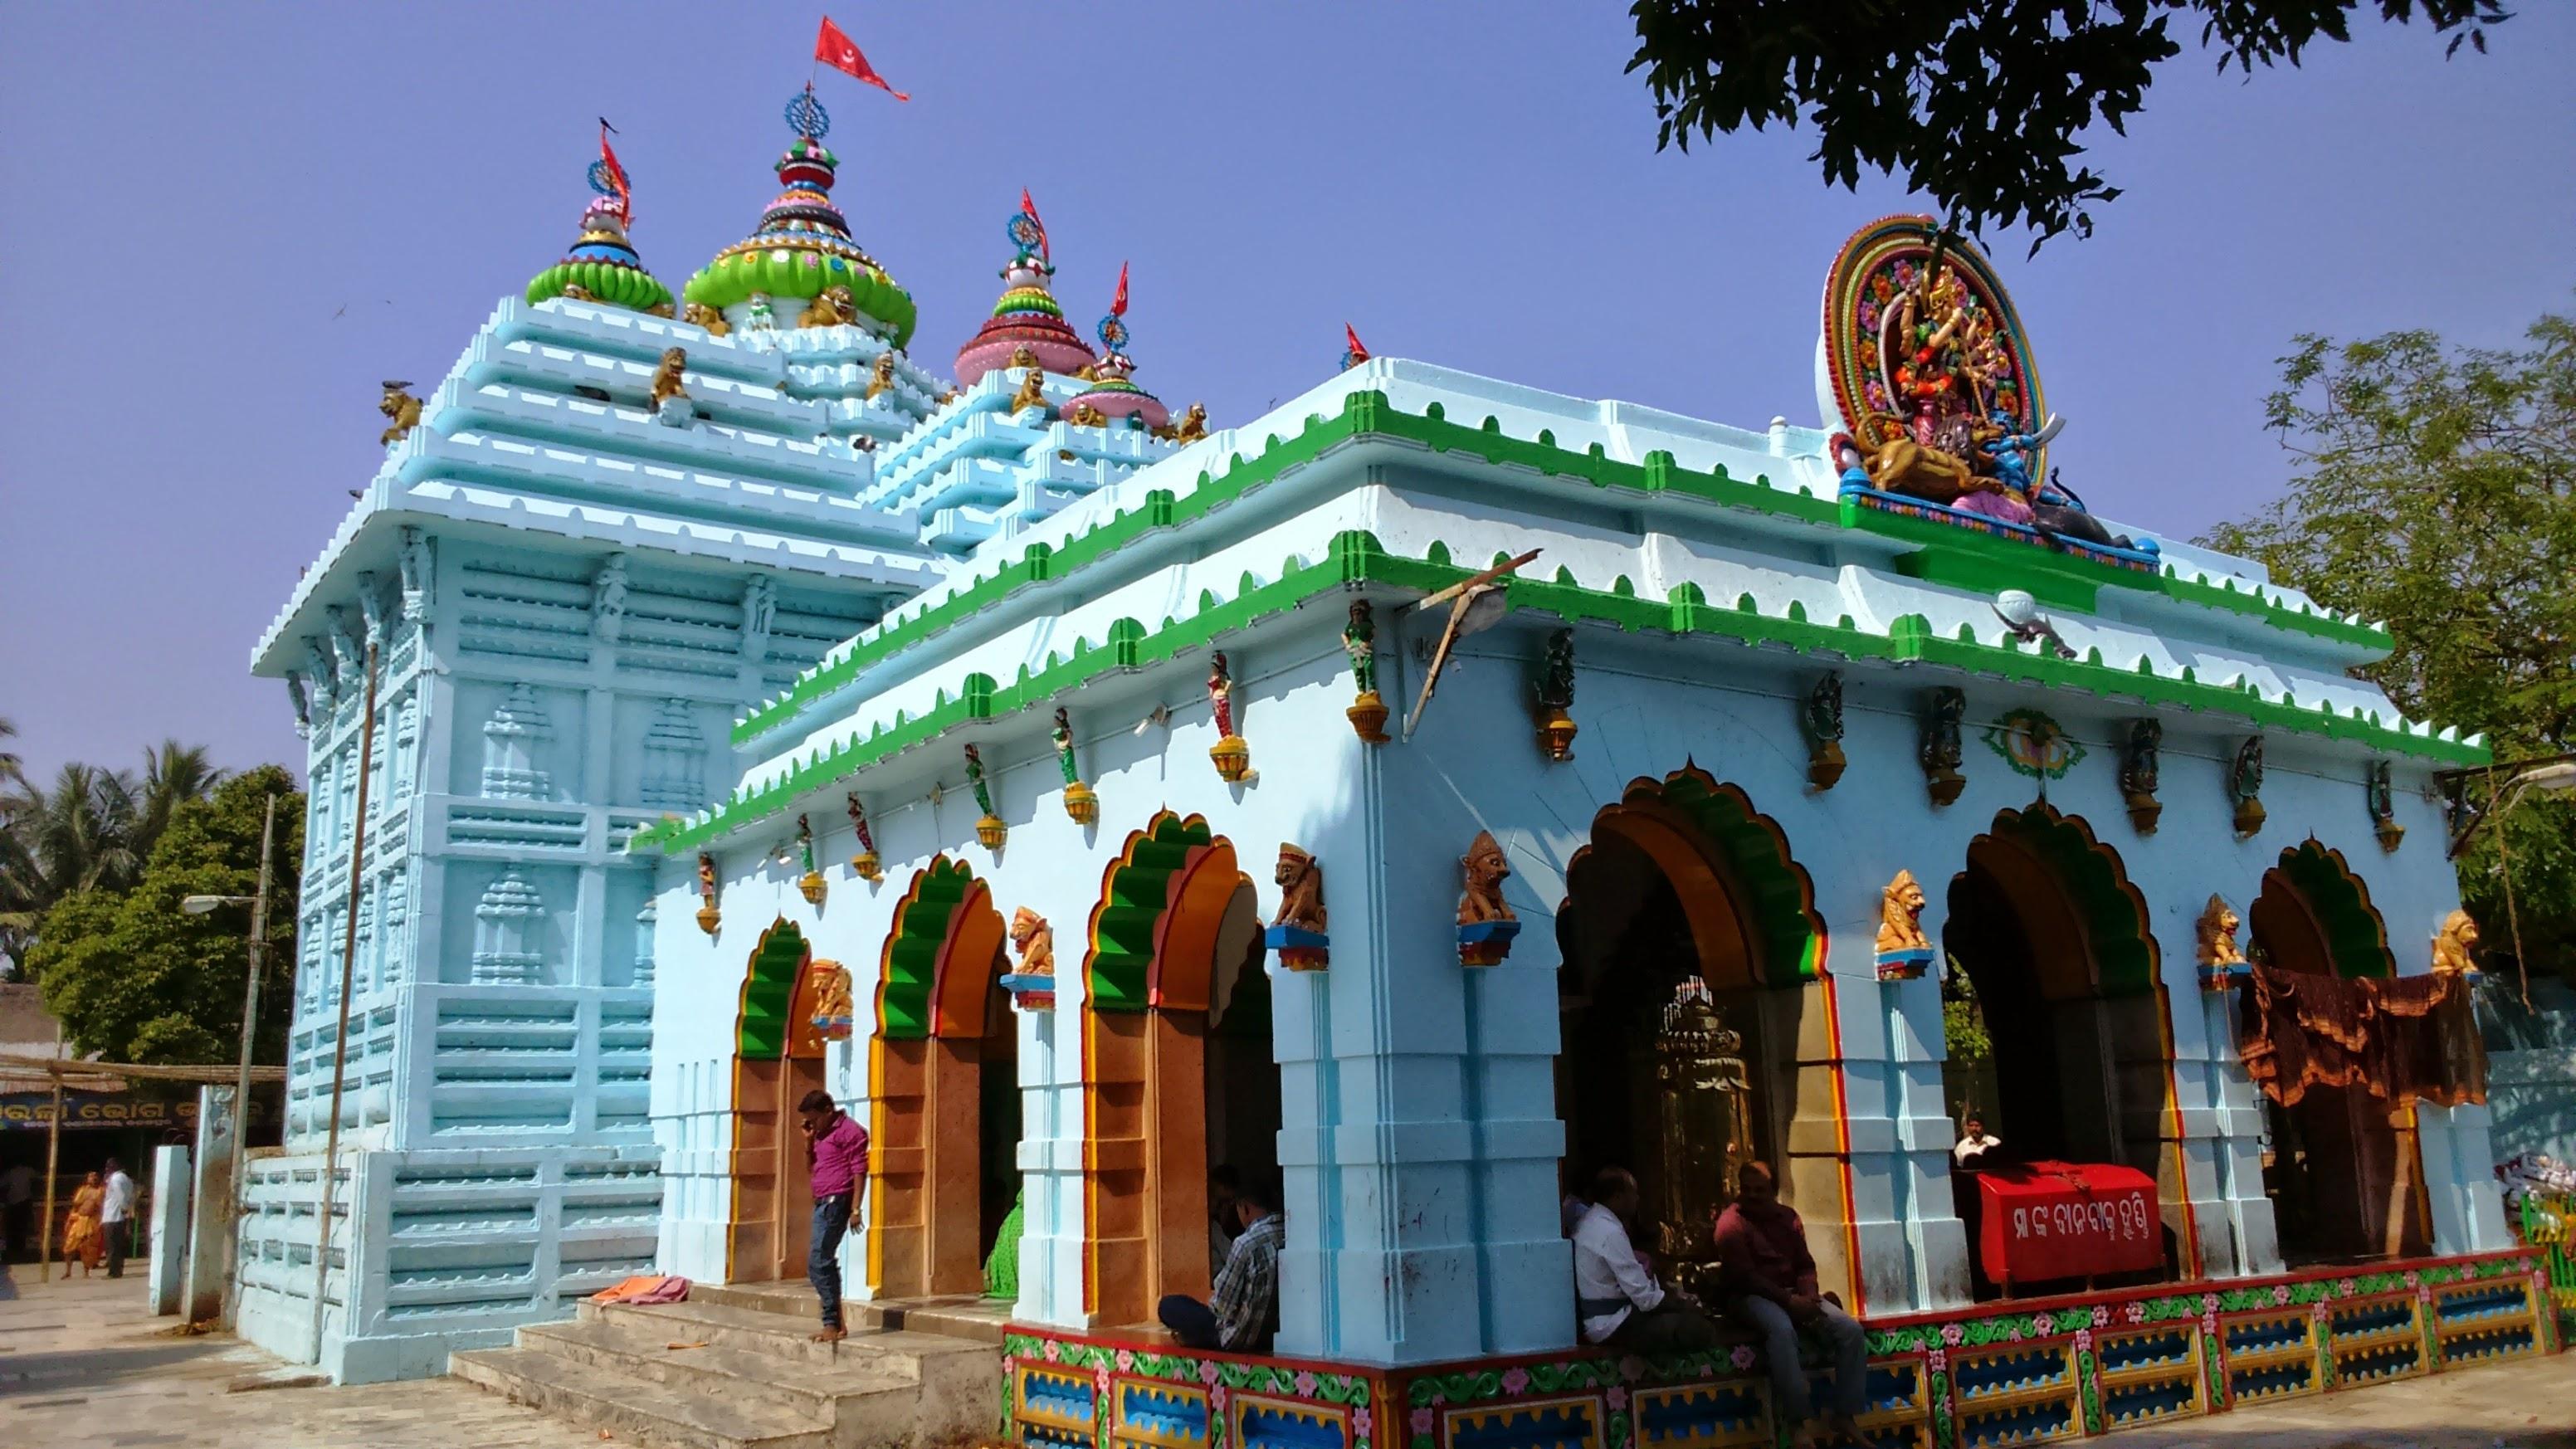 மா சரலா கோயில்